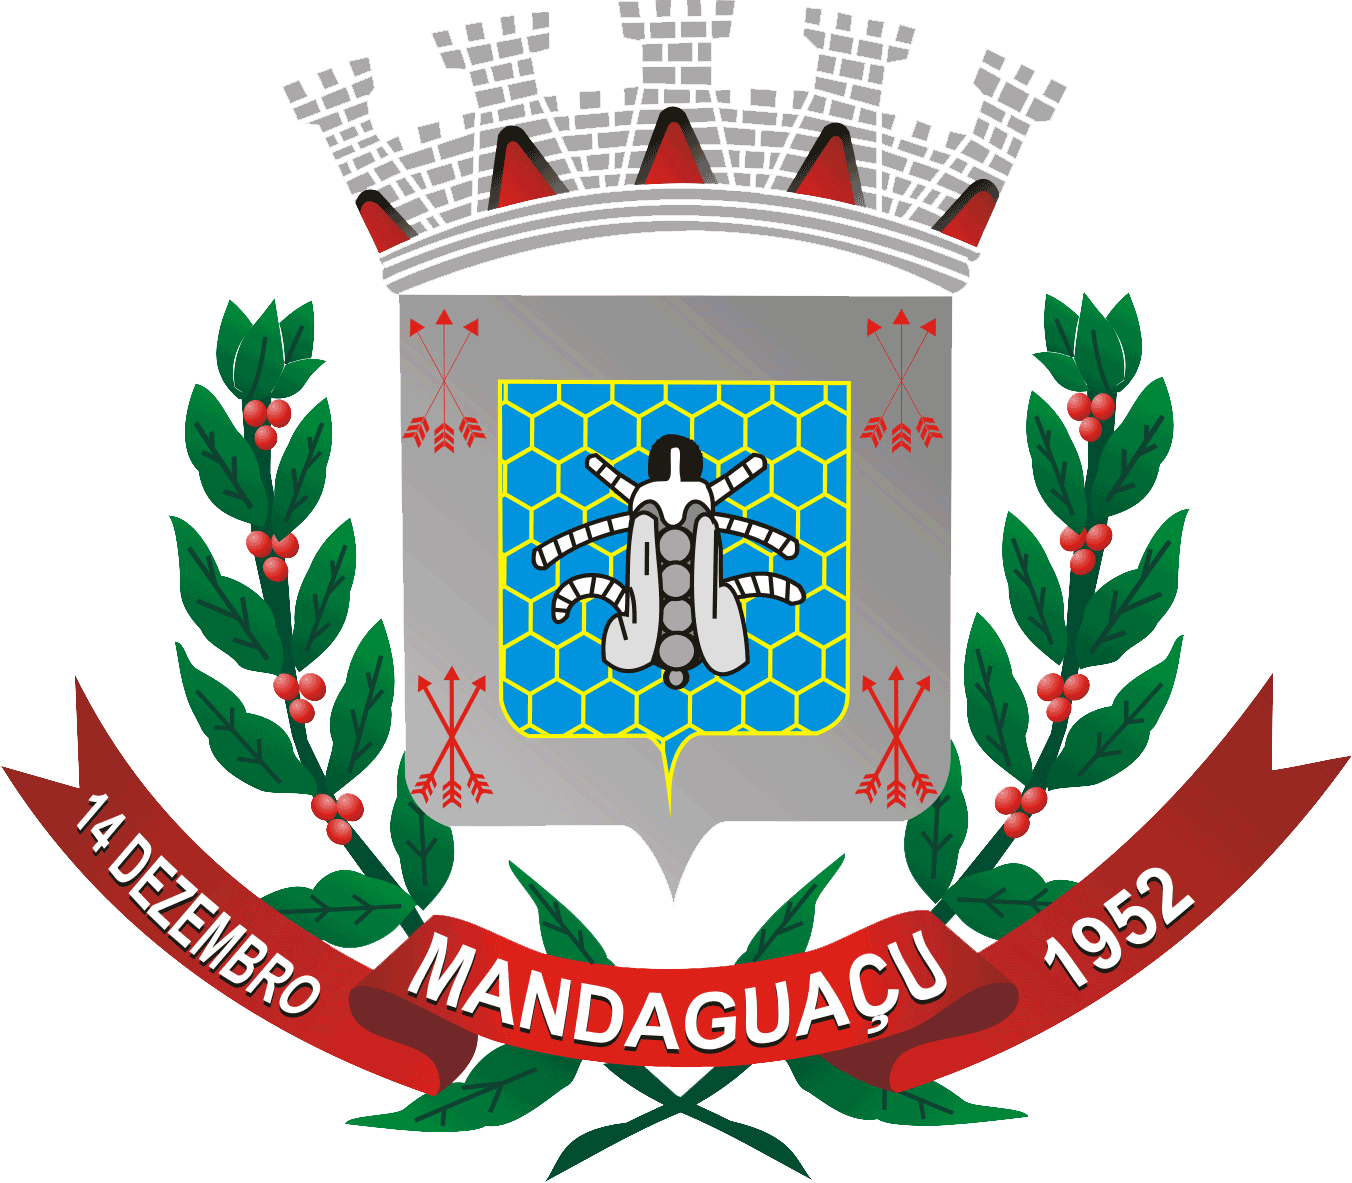 PREFEITURA MUNICIPAL DE MANDAGUAÇU